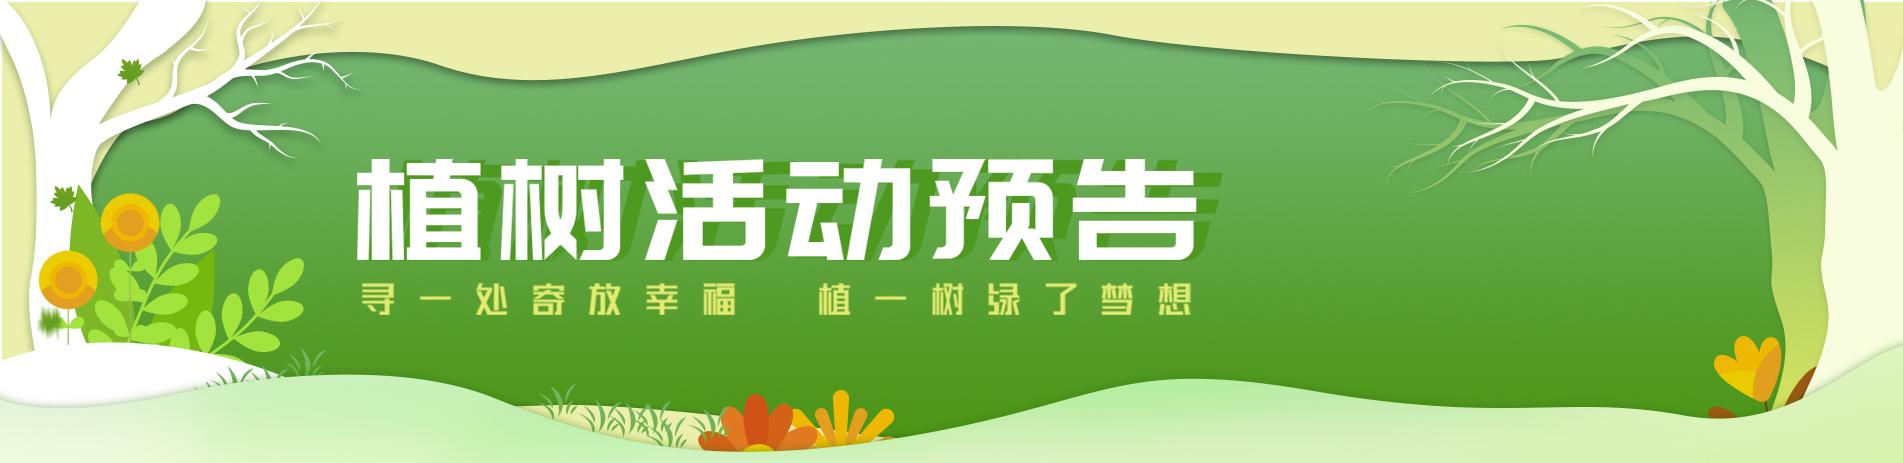 广东省农村环境教育教员培训班在河源市龙川县佗城镇开班